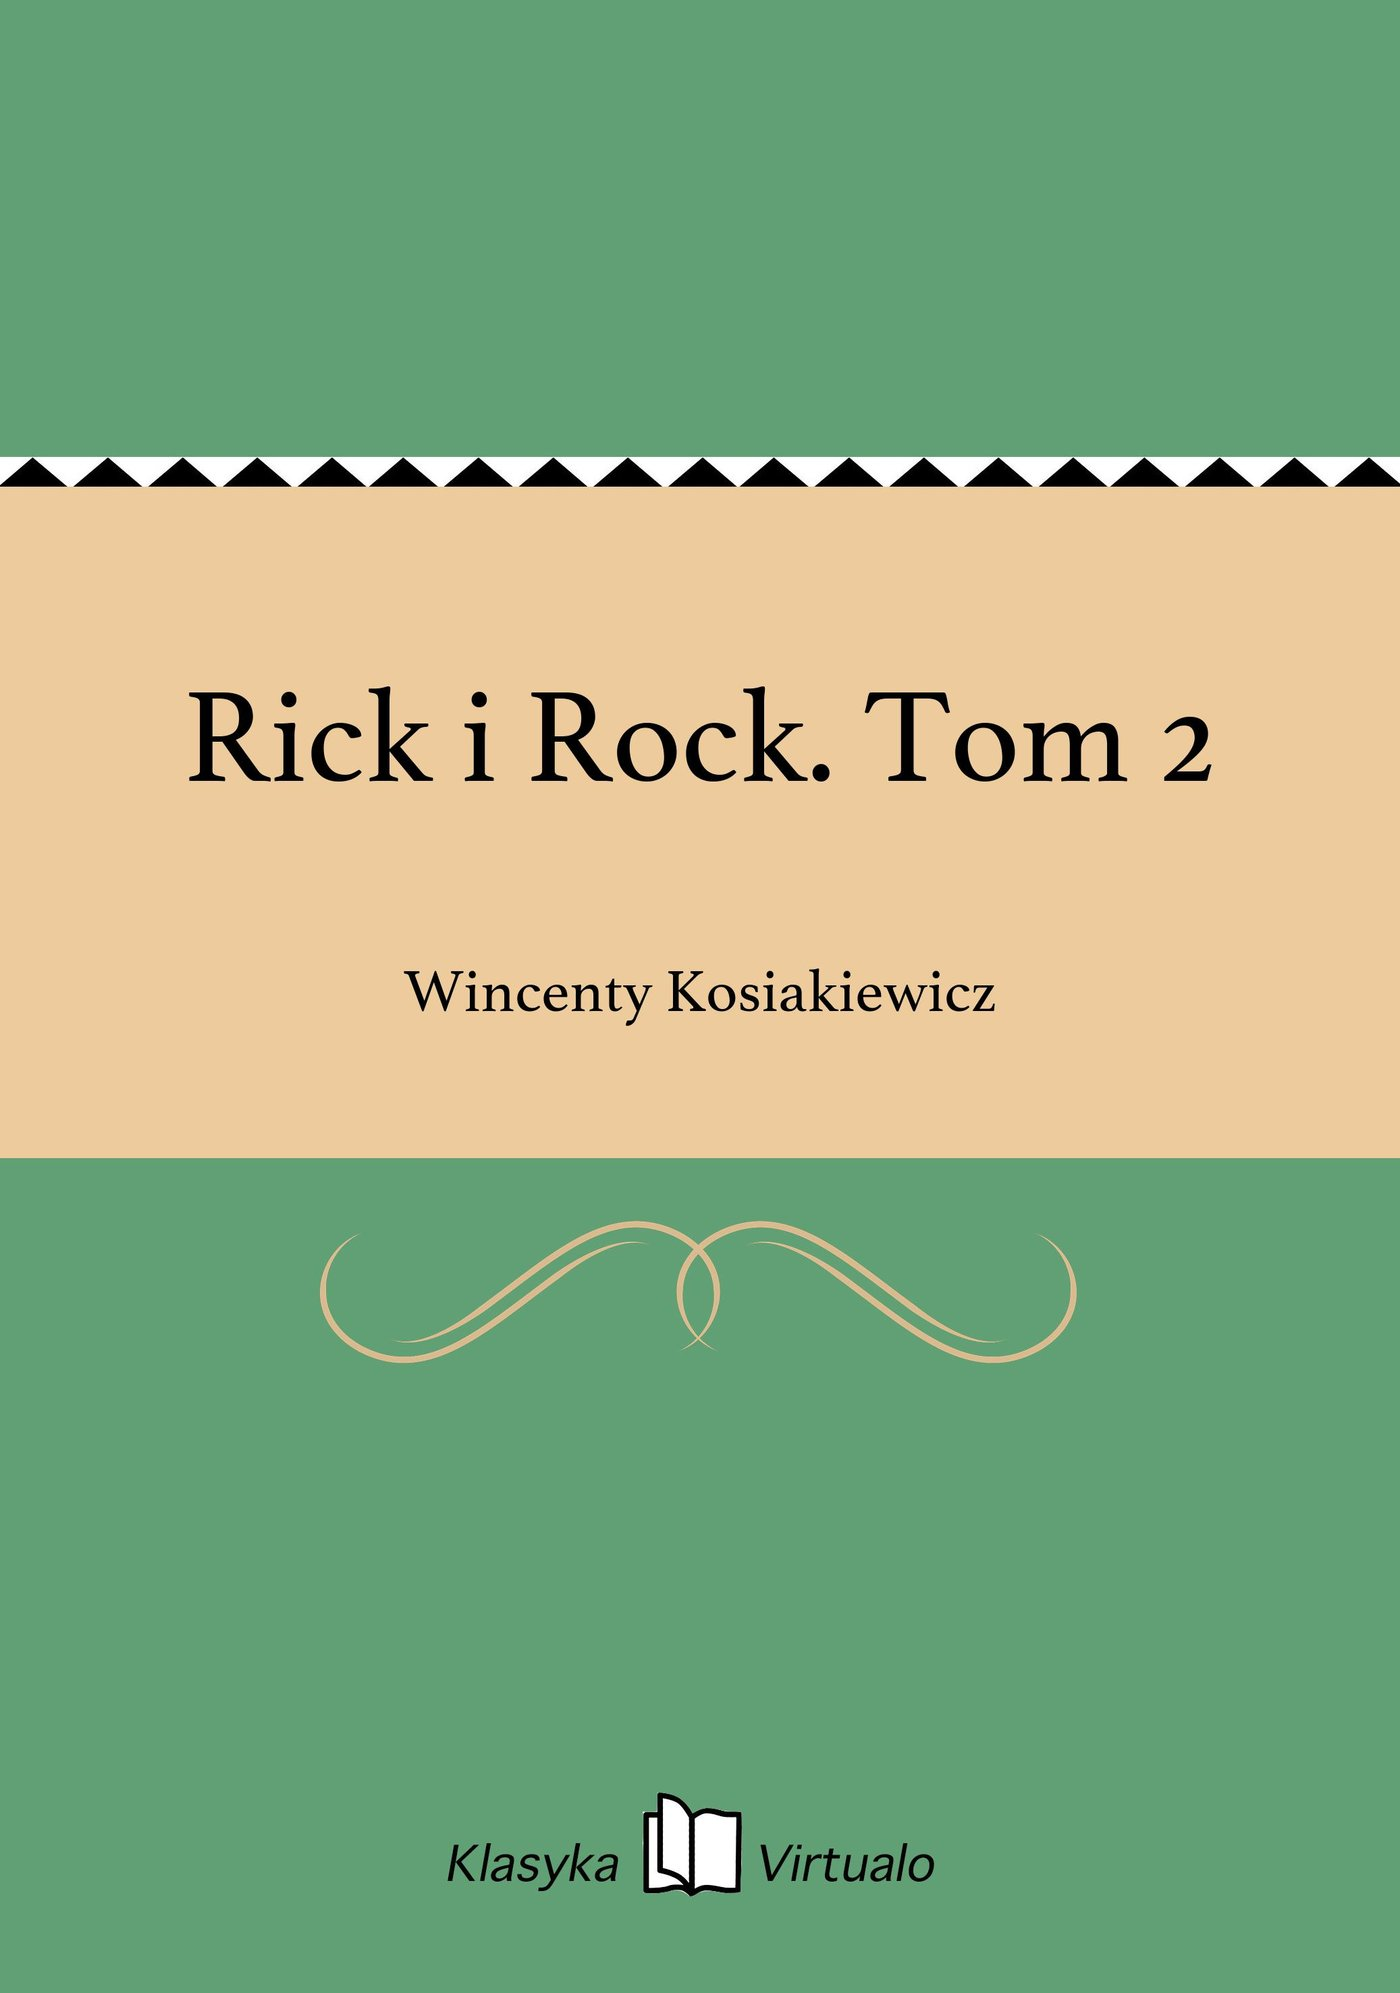 Rick i Rock. Tom 2 - Ebook (Książka EPUB) do pobrania w formacie EPUB